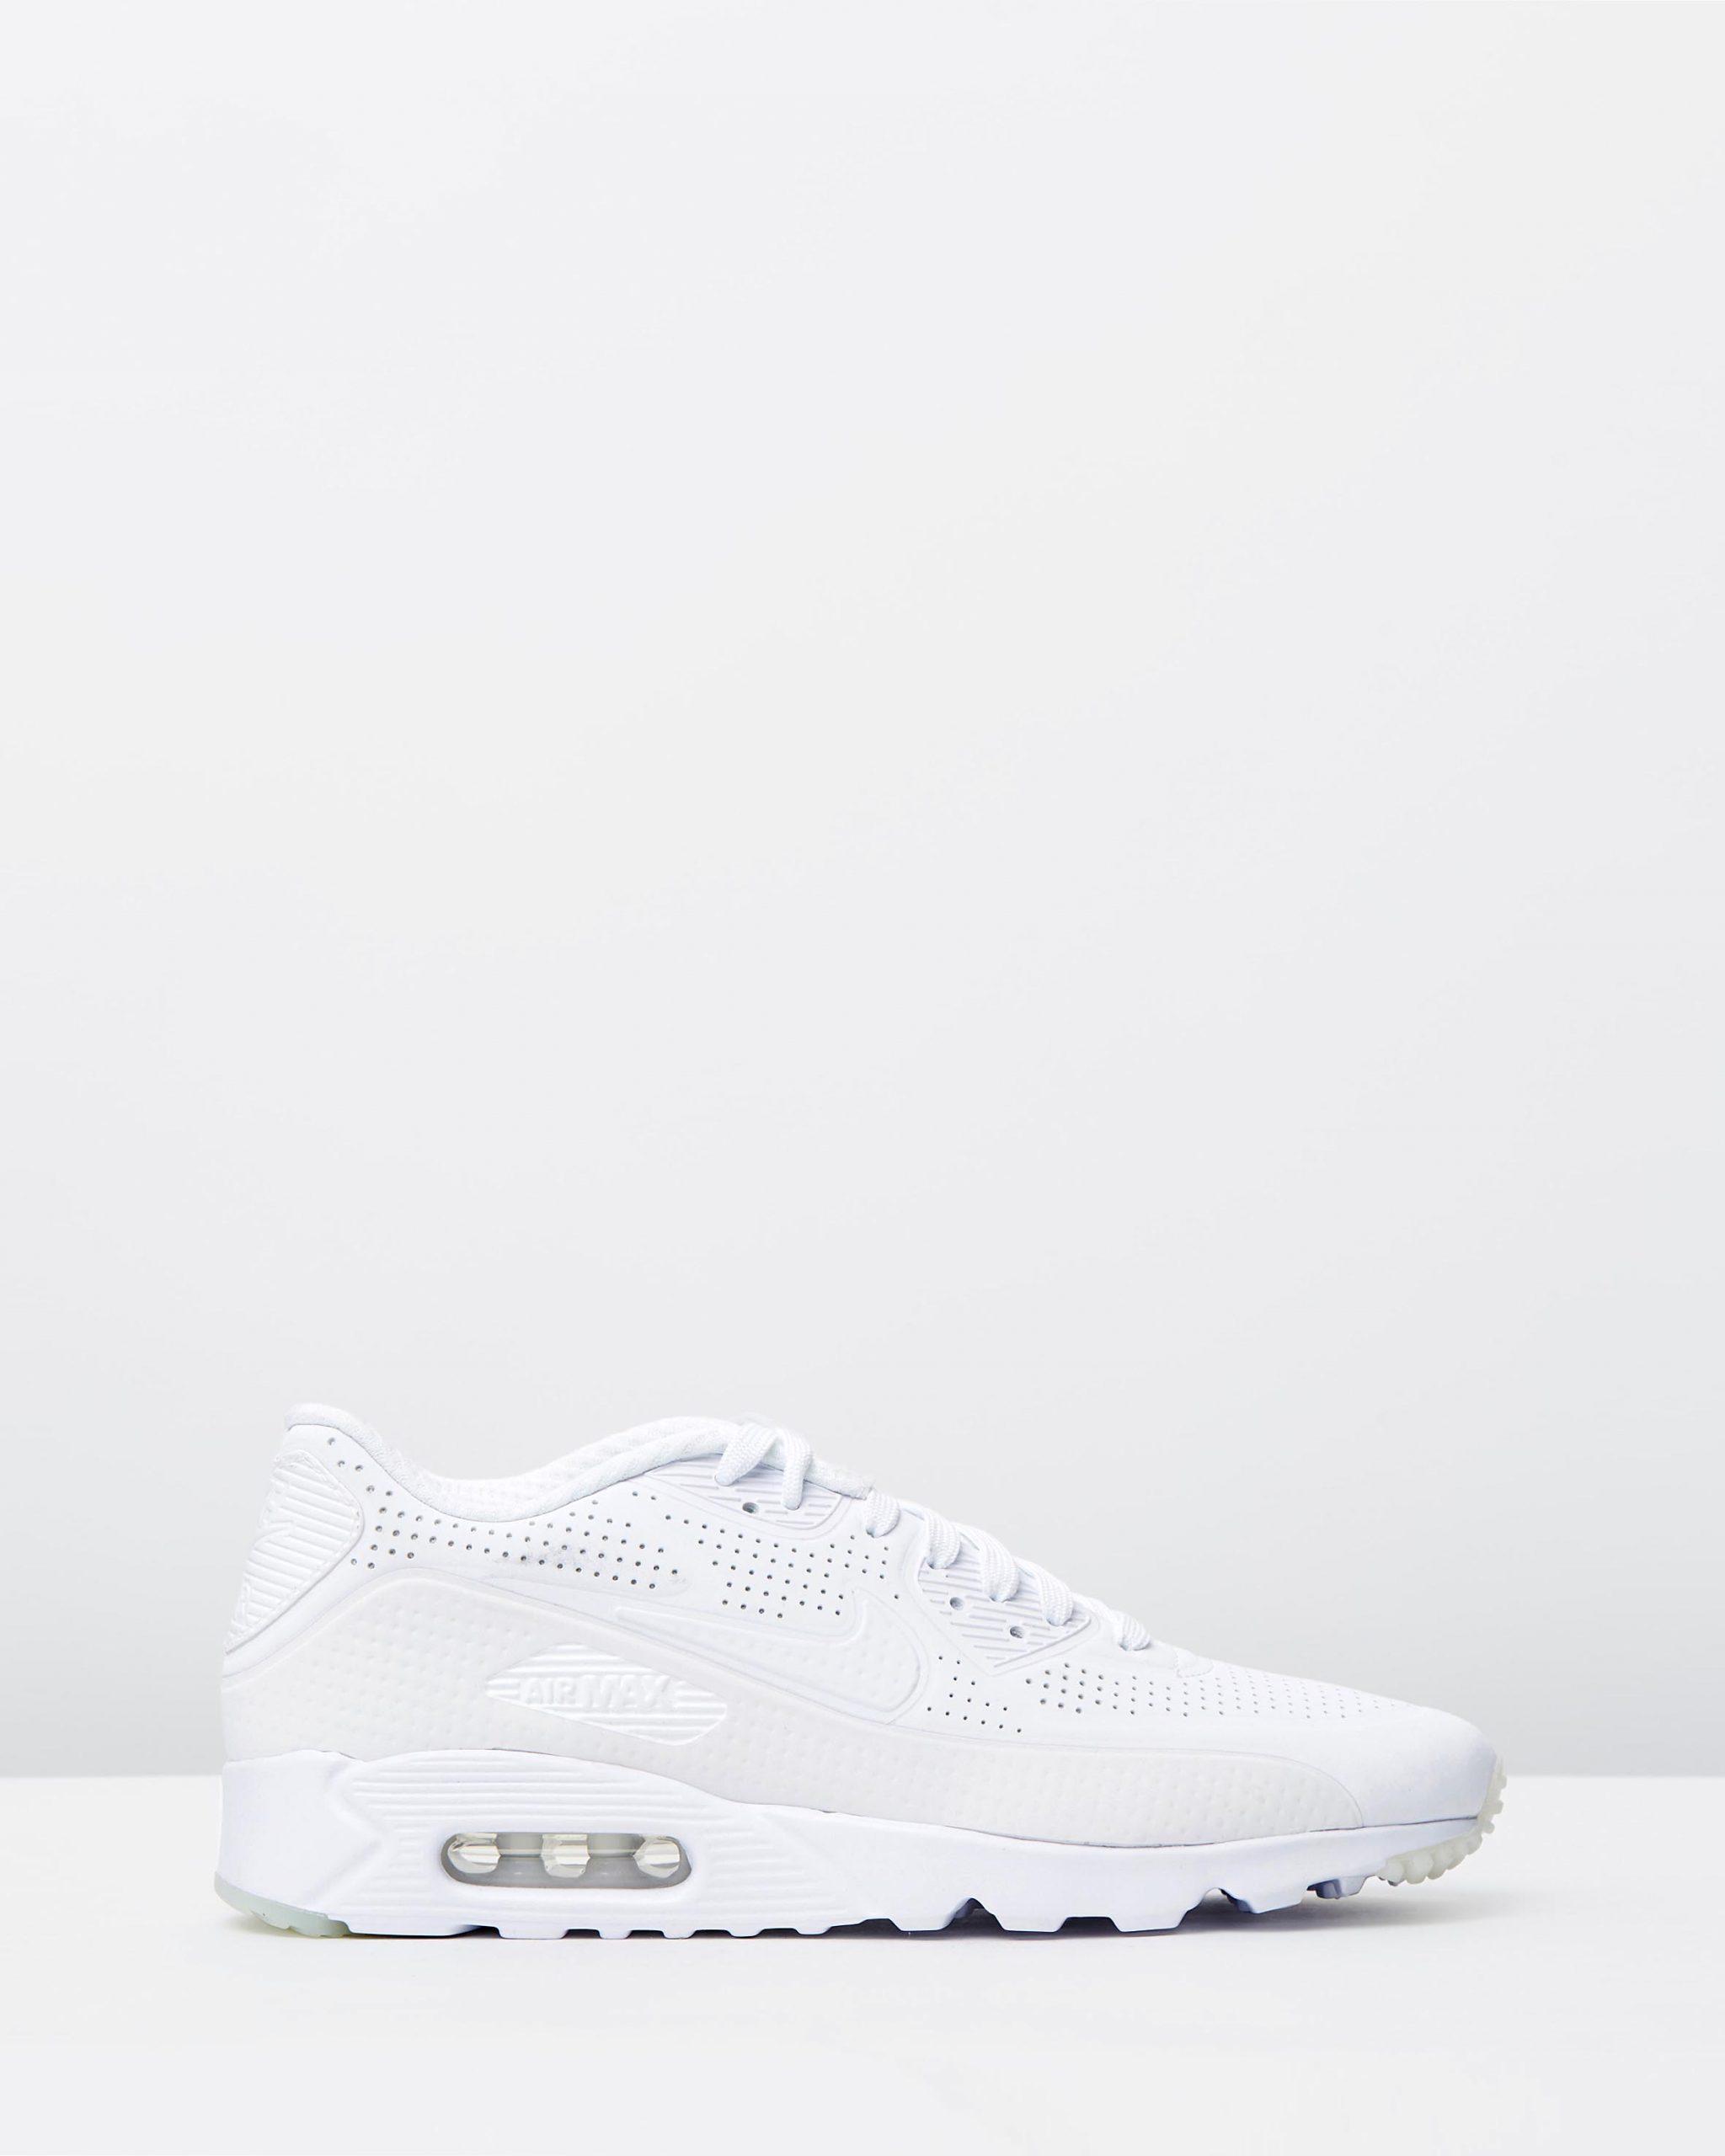 Nike Air Max 90 Ultra Moire White